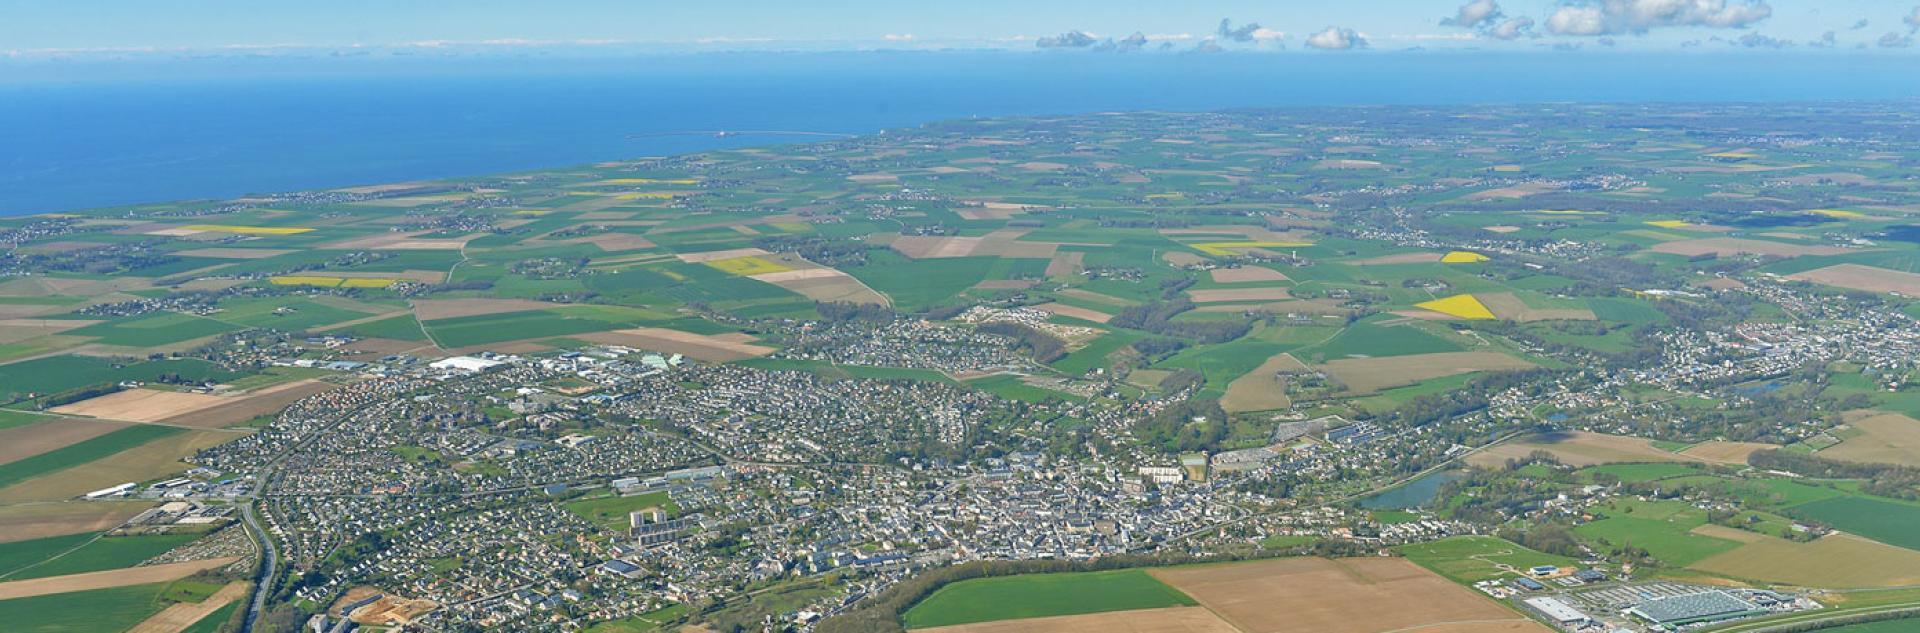 Vue aérienne sur le territoire de la Communauté urbaine